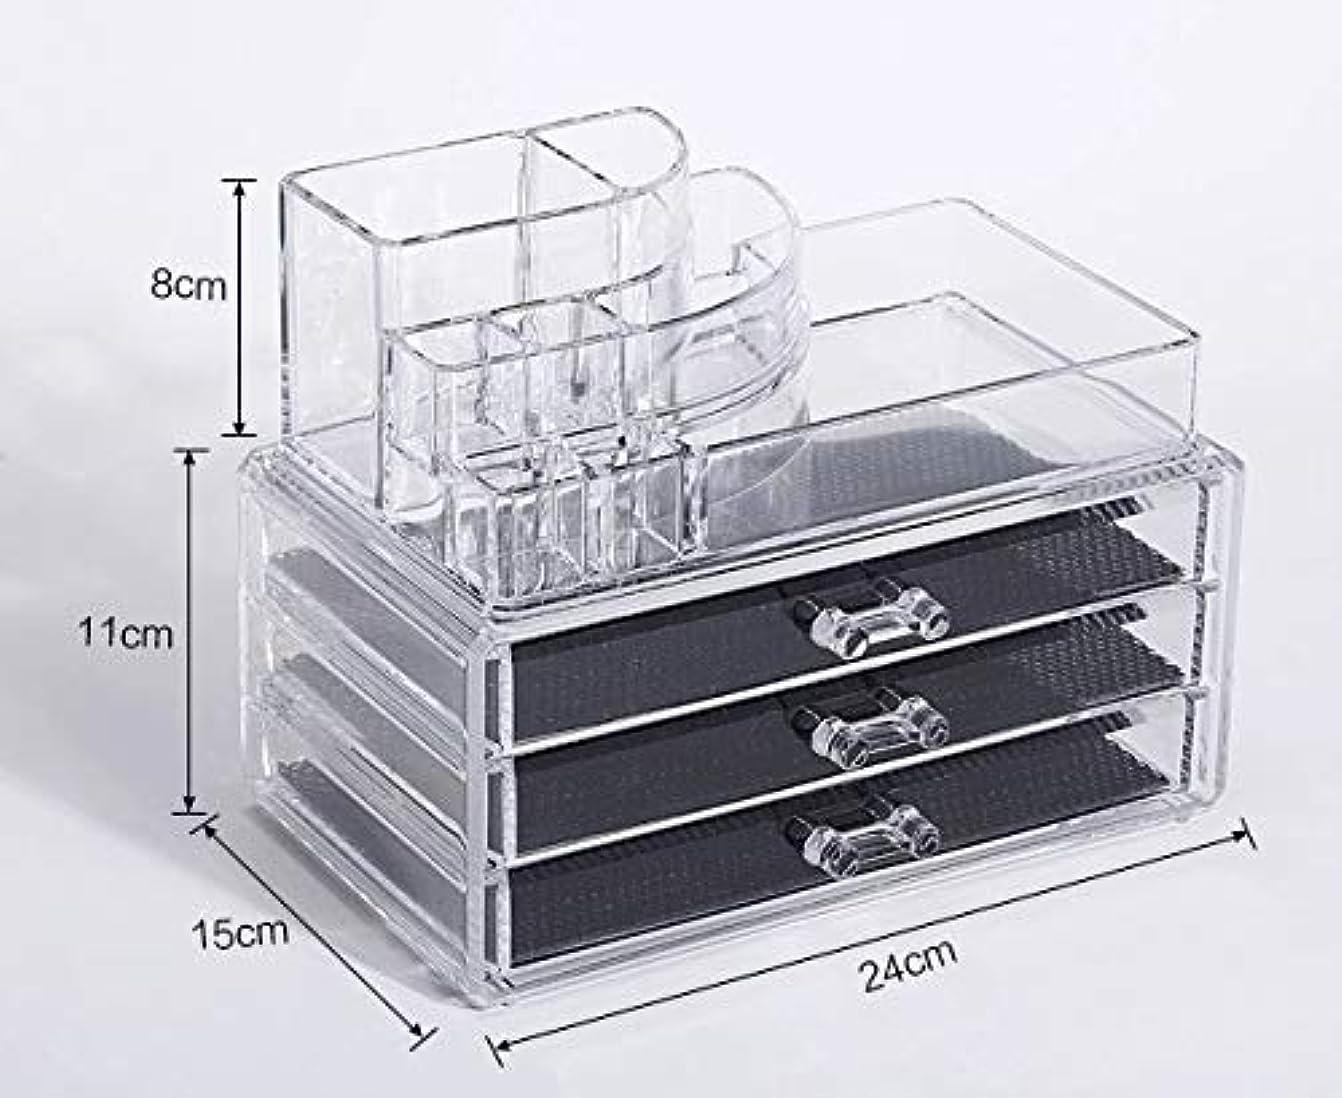 ギャロップうぬぼれ弾薬化粧品収納ボックス メイクボックス 化粧品 収納 ニオイなし 騒音なし 防塵 高透明度 強い耐久性